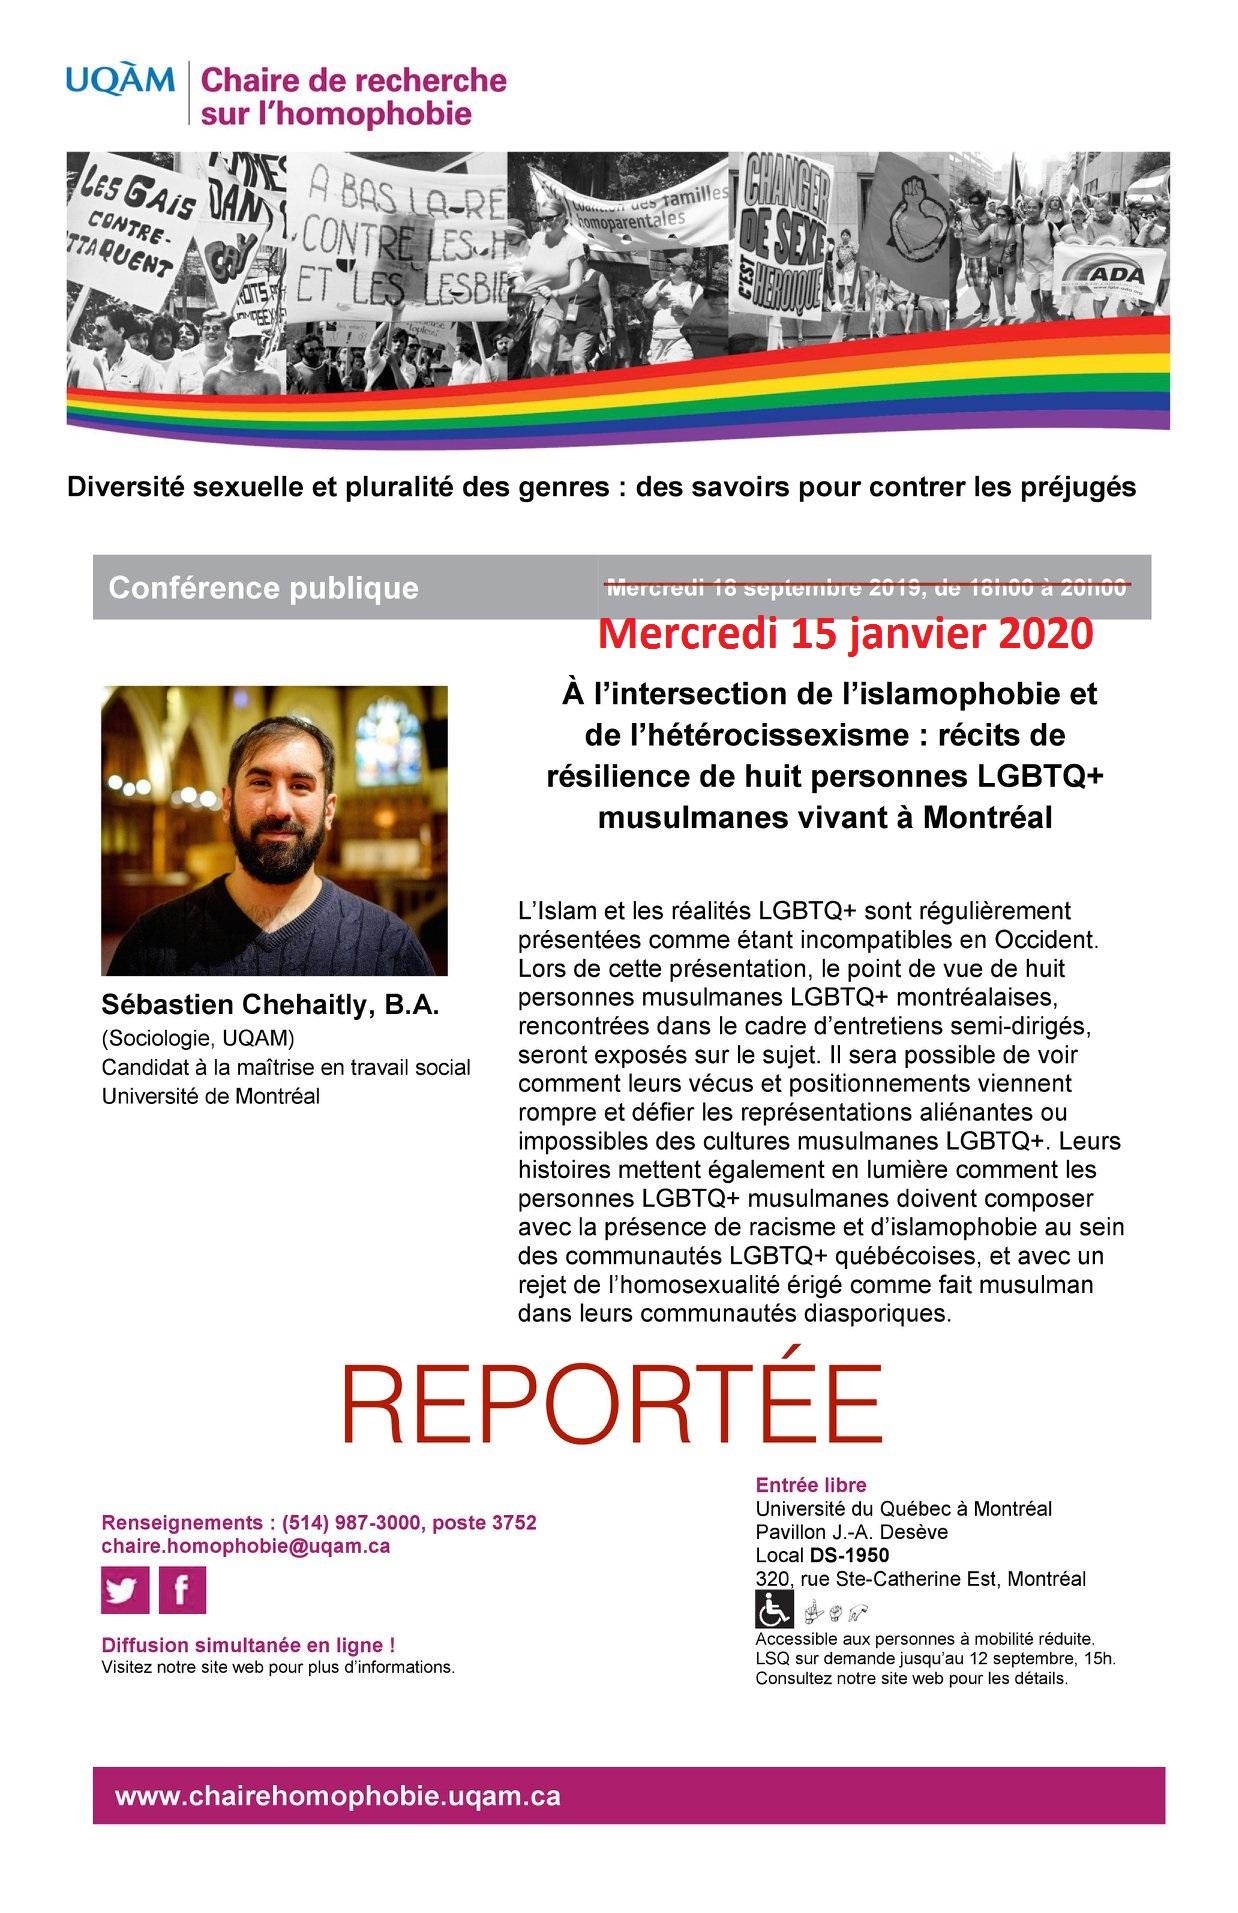 REPORTÉE CONFÉRENCE PUBLIQUE | « À l'intersection de l'islamophobie et de l'hétérocissexisme : récits de résilience de huit personnes LGBTQ+ musulmanes vivant à Montréal »